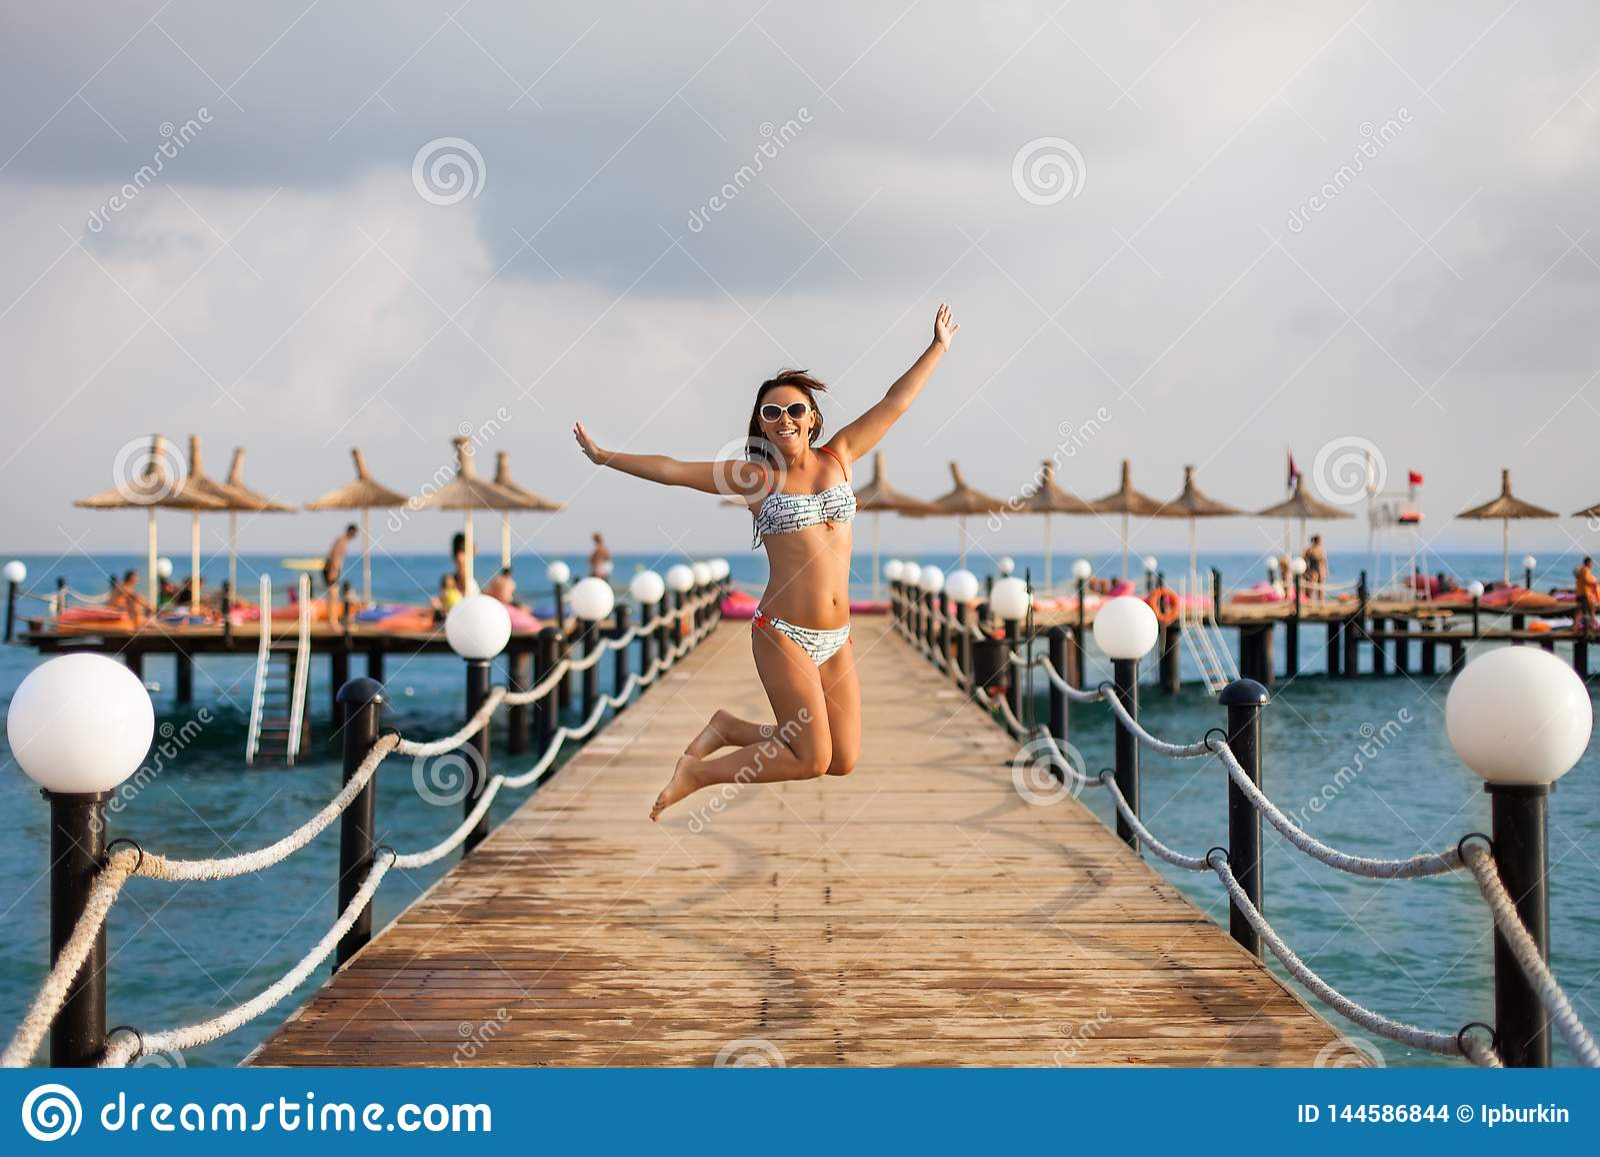 Das Mädchen im Badeanzug sprang auf den Pier Glückliches Mädchen auf dem Pier Getrennt auf Schwarzem Das reizend Mädchen, das auf